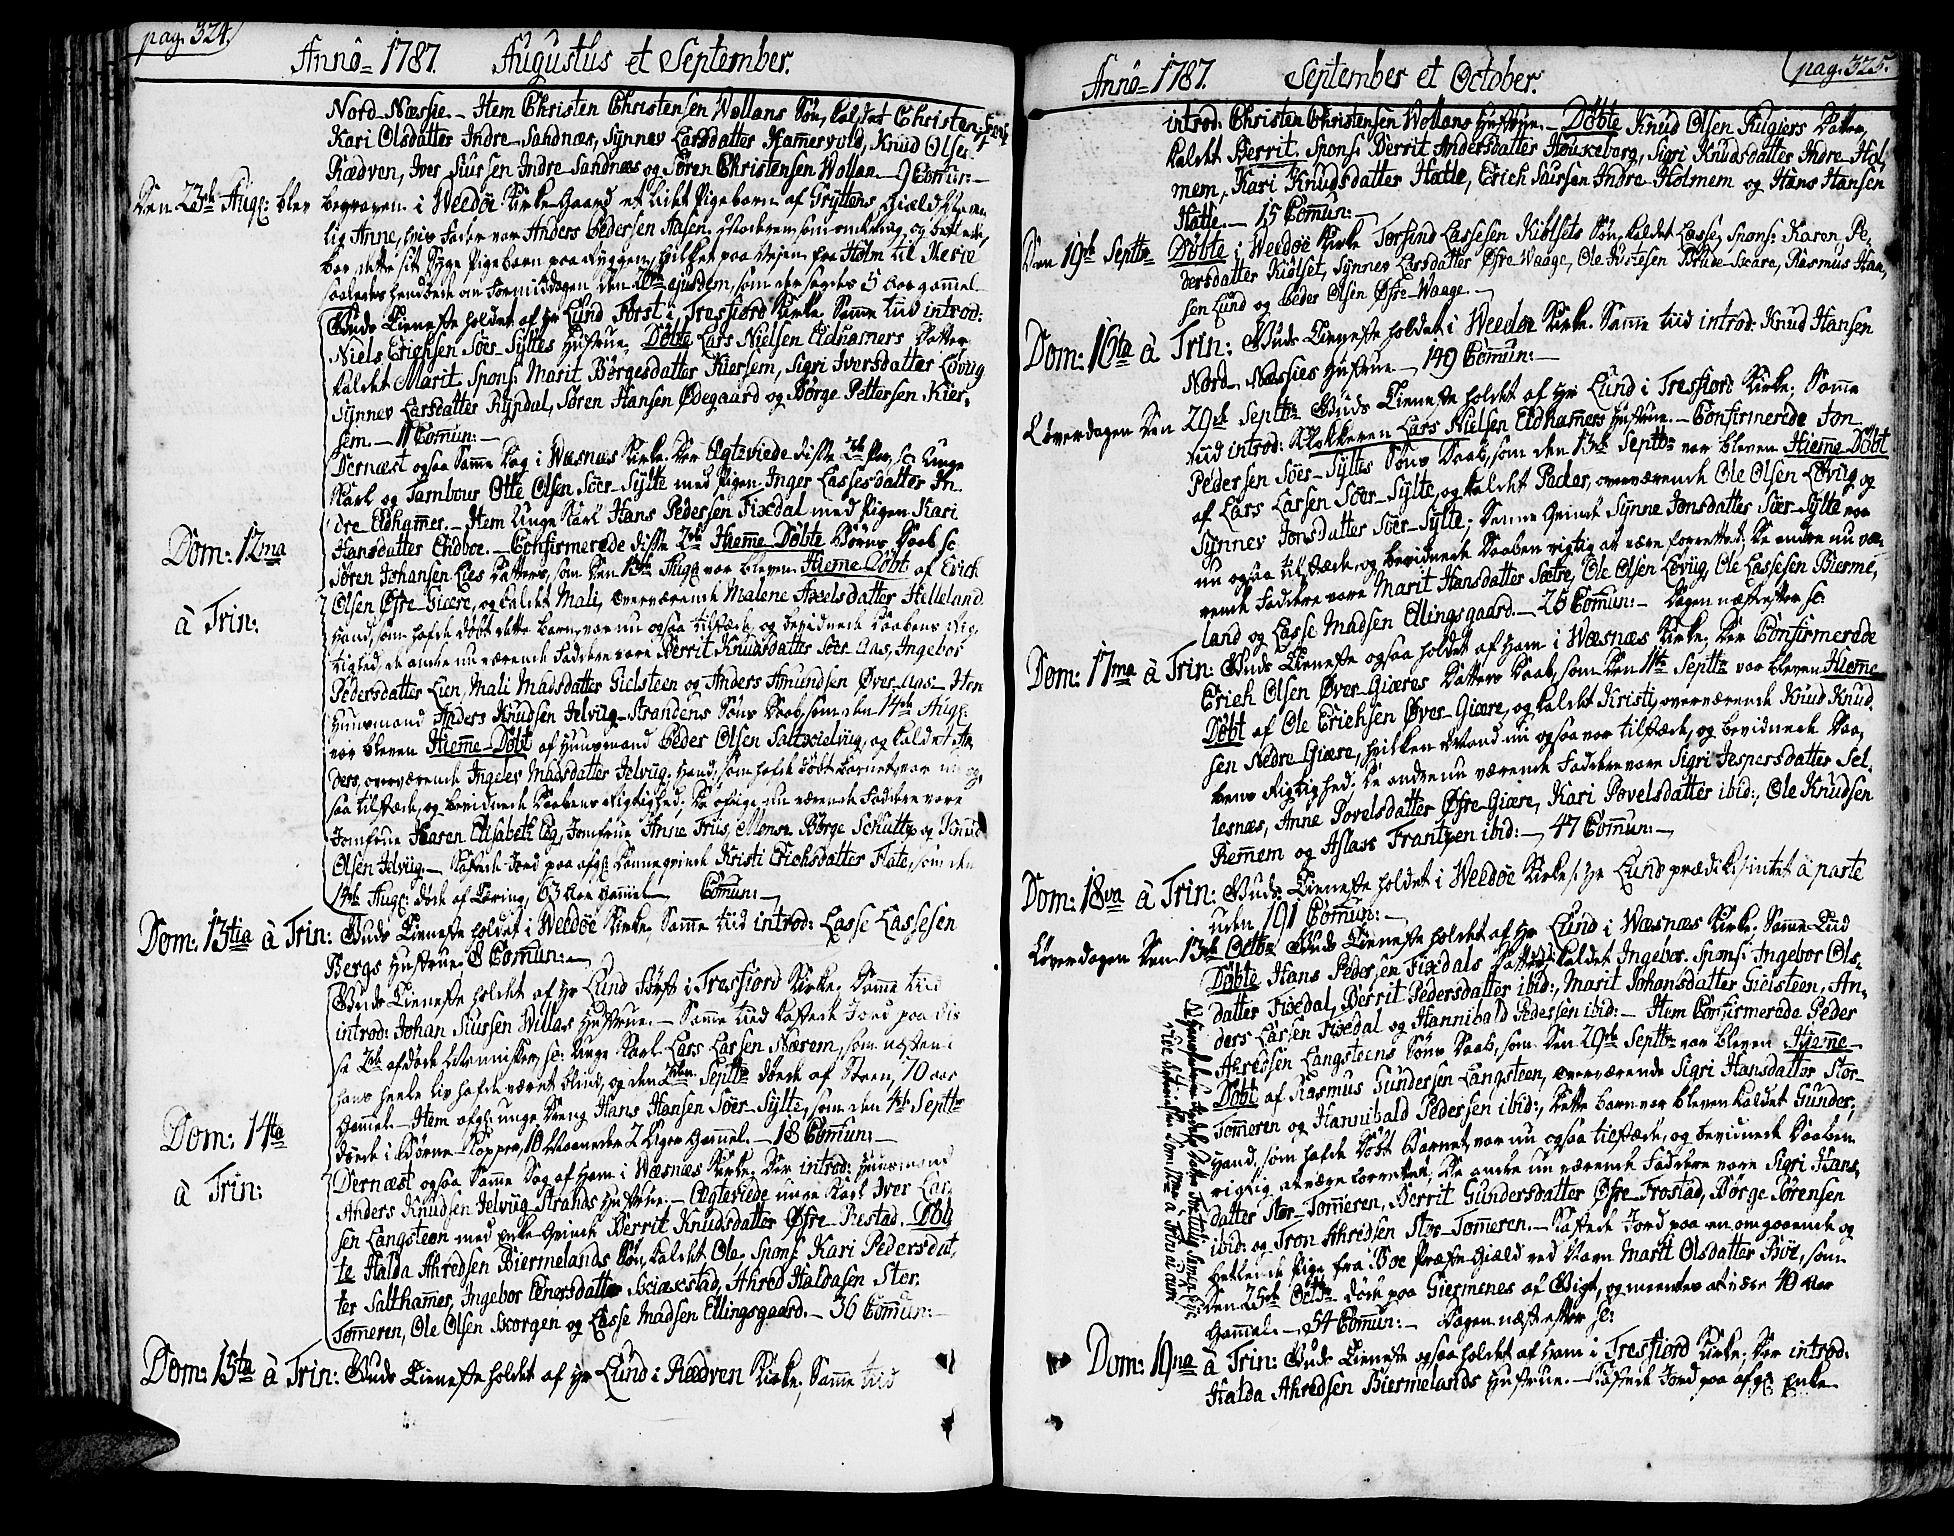 SAT, Ministerialprotokoller, klokkerbøker og fødselsregistre - Møre og Romsdal, 547/L0600: Parish register (official) no. 547A02, 1765-1799, p. 324-325